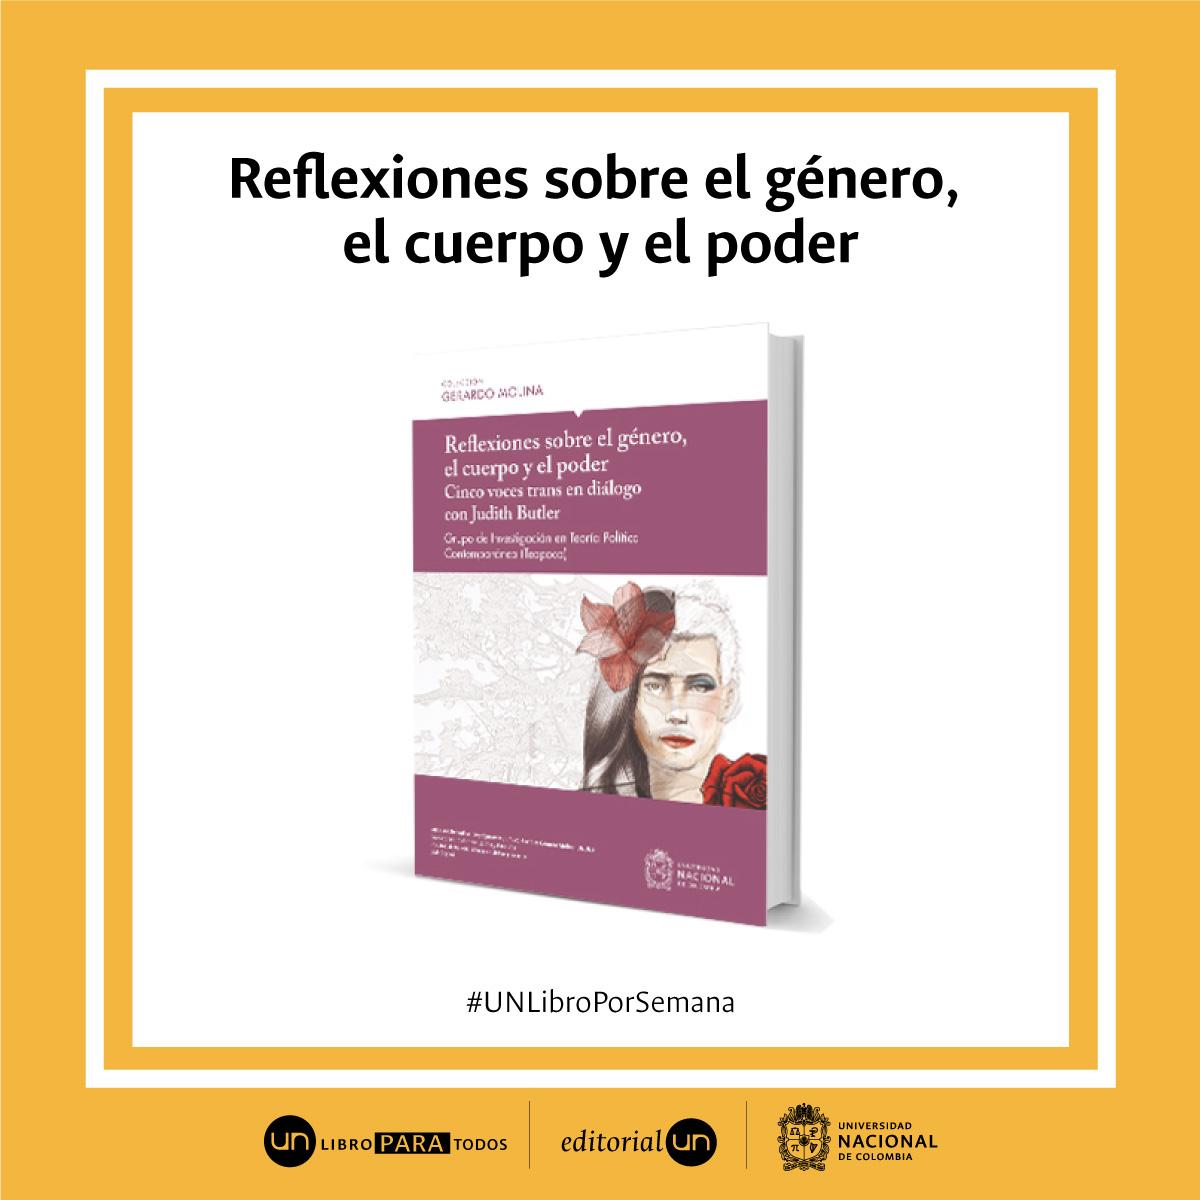 #UNlibroporsemana: 'Reflexiones sobre el género, el cuerpo y el poder. Cinco voces trans en diálogo con Judith Butler'